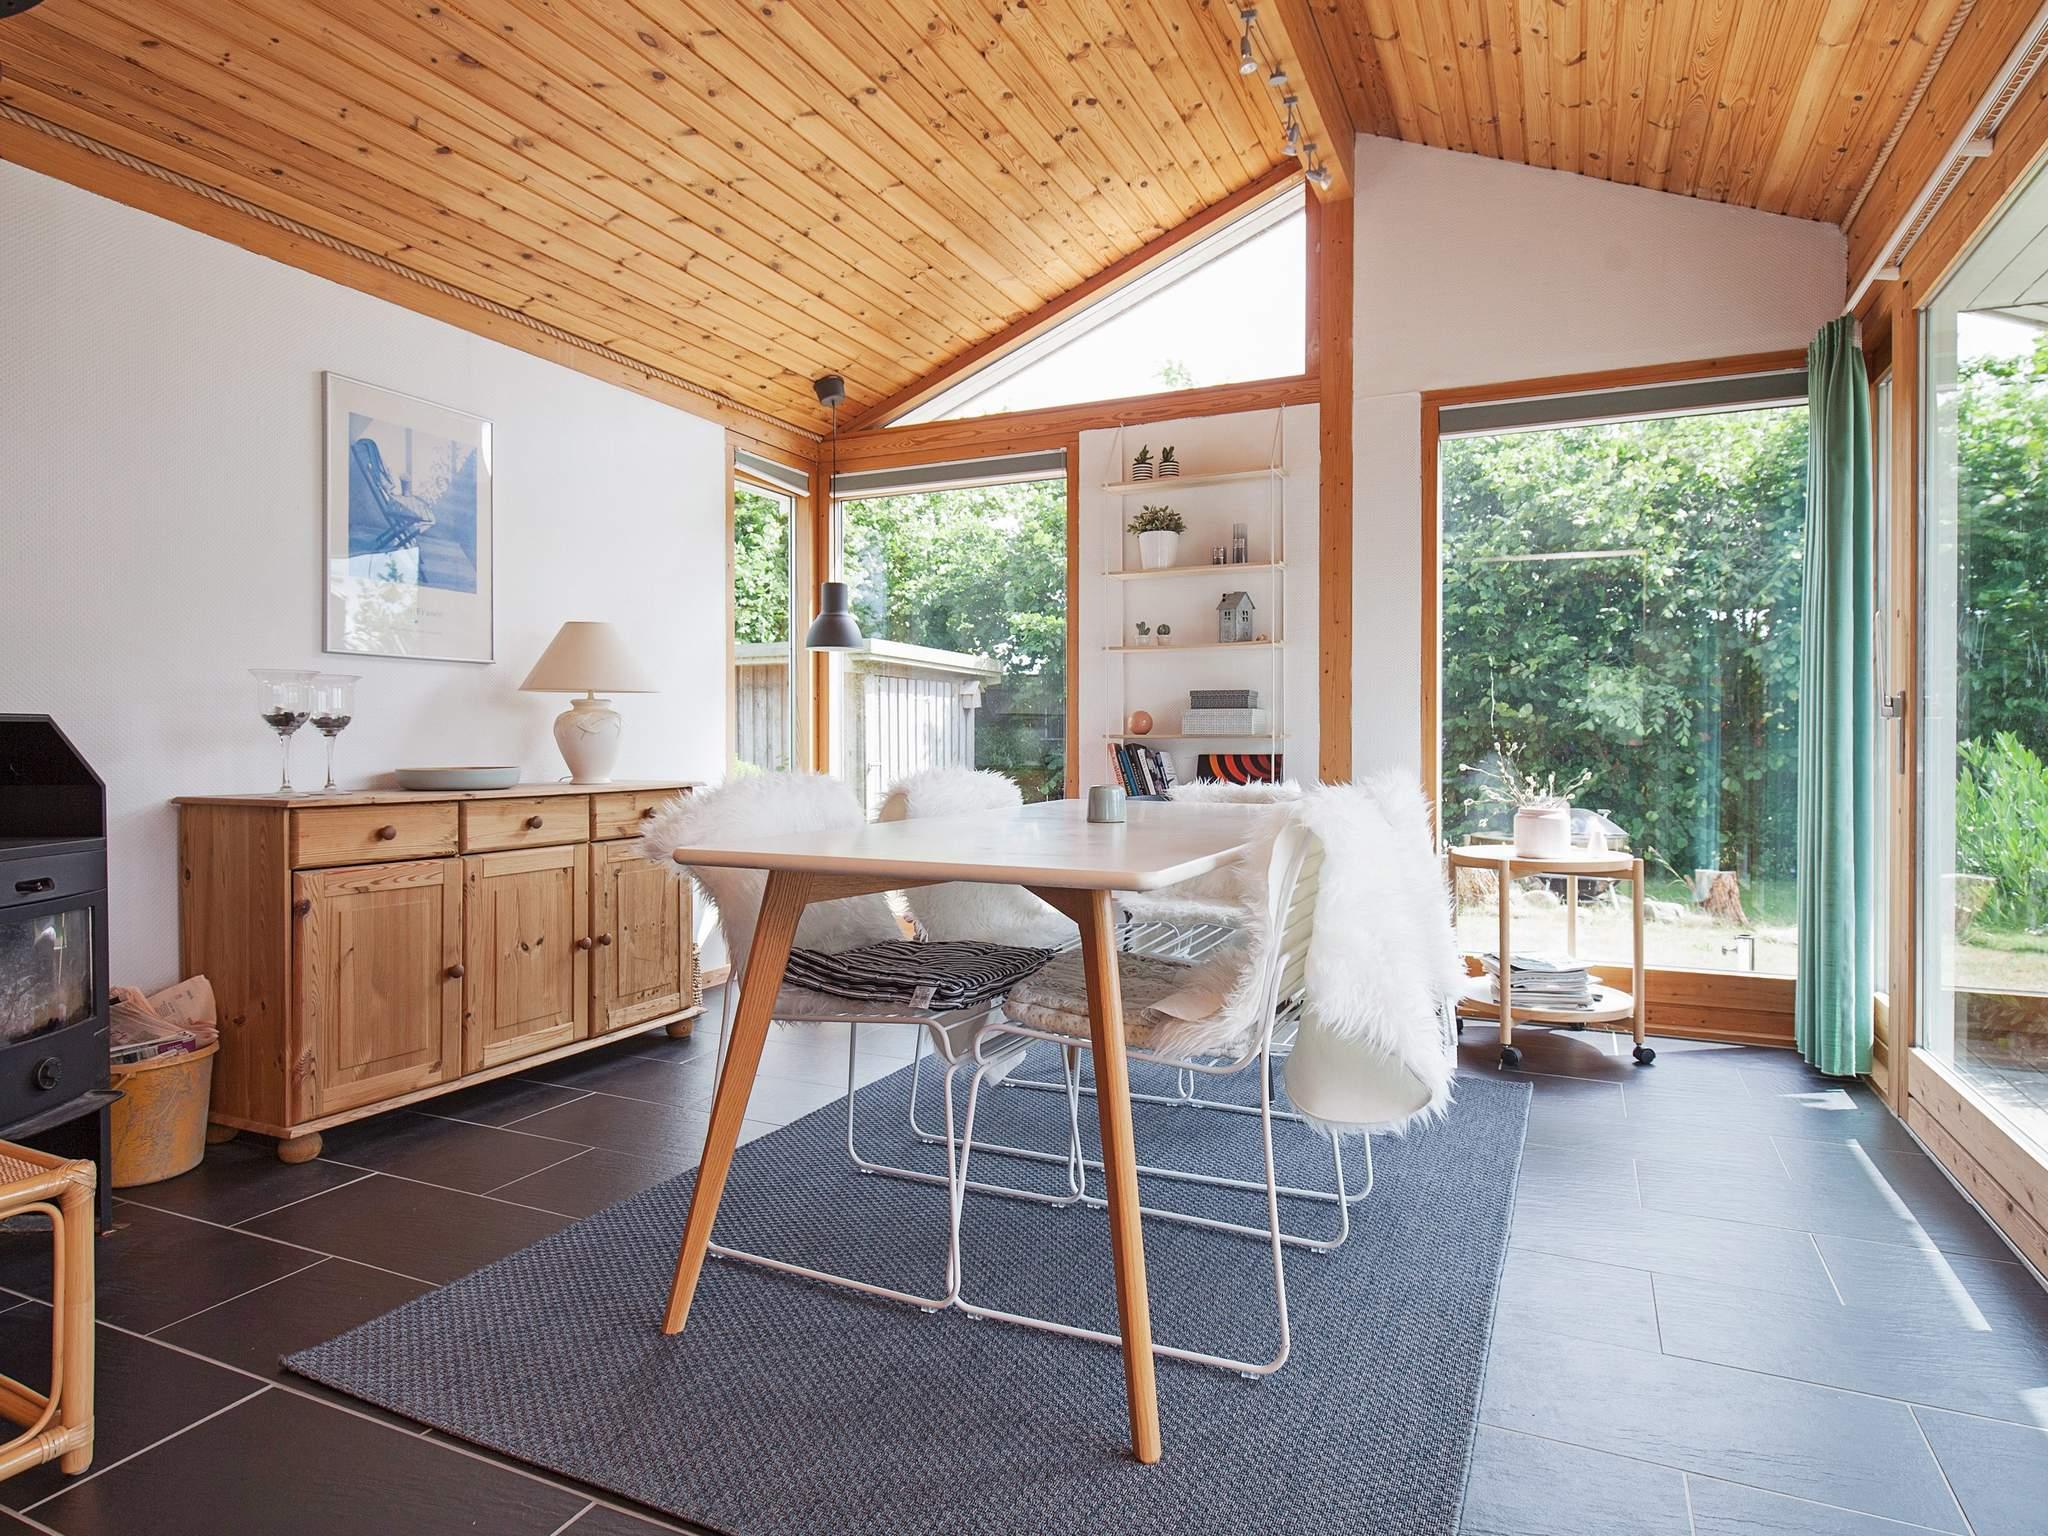 Ferienhaus Enø (1043169), Karrebæksminde, , Südseeland, Dänemark, Bild 4